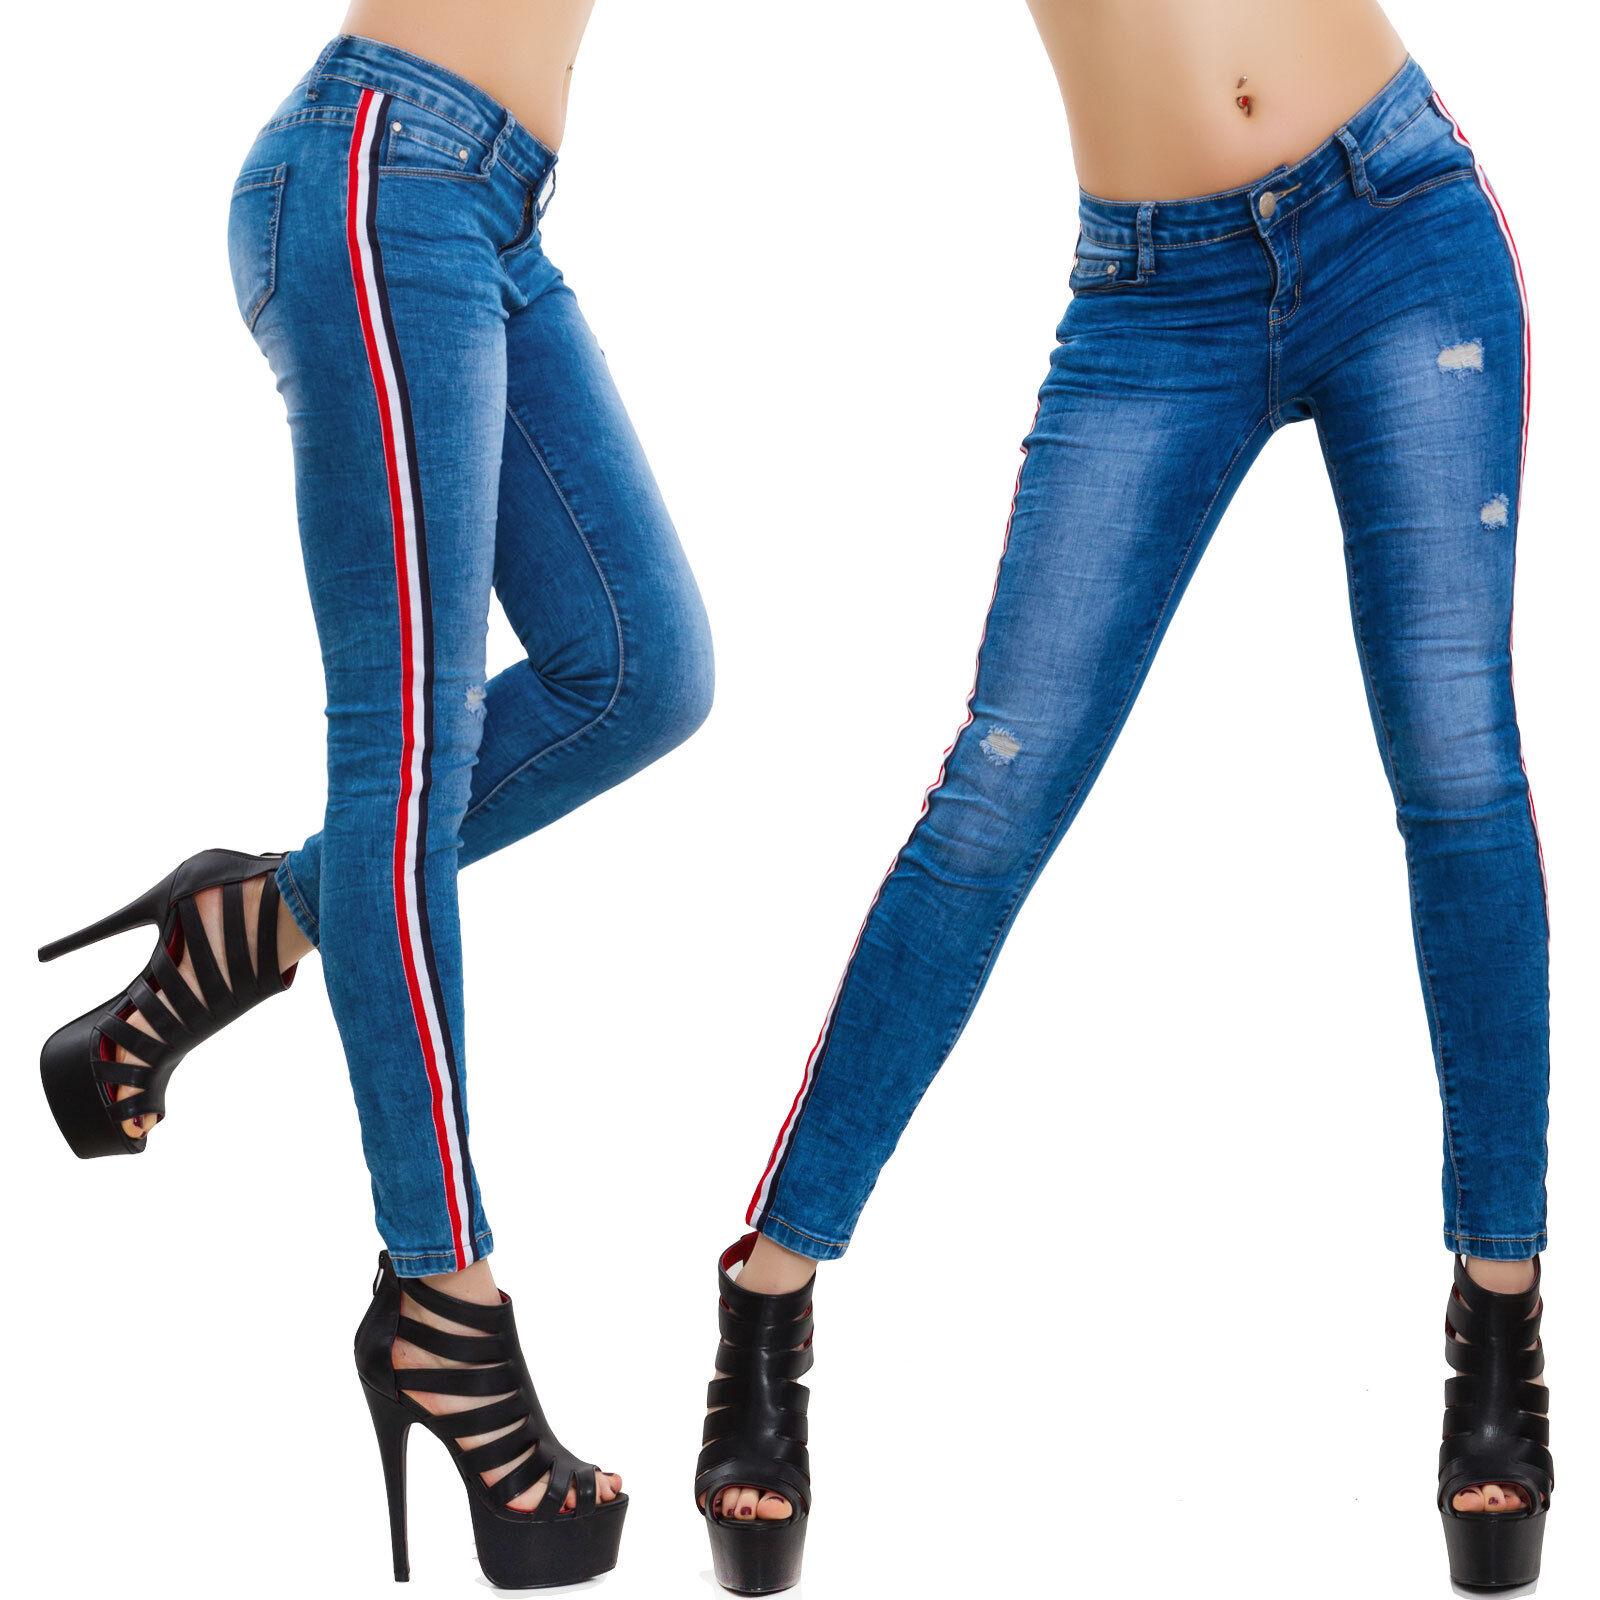 122ede1e54 Dettagli su Jeans donna pantaloni skinny elasticizzati righe laterali vita  bassa sexy G2851